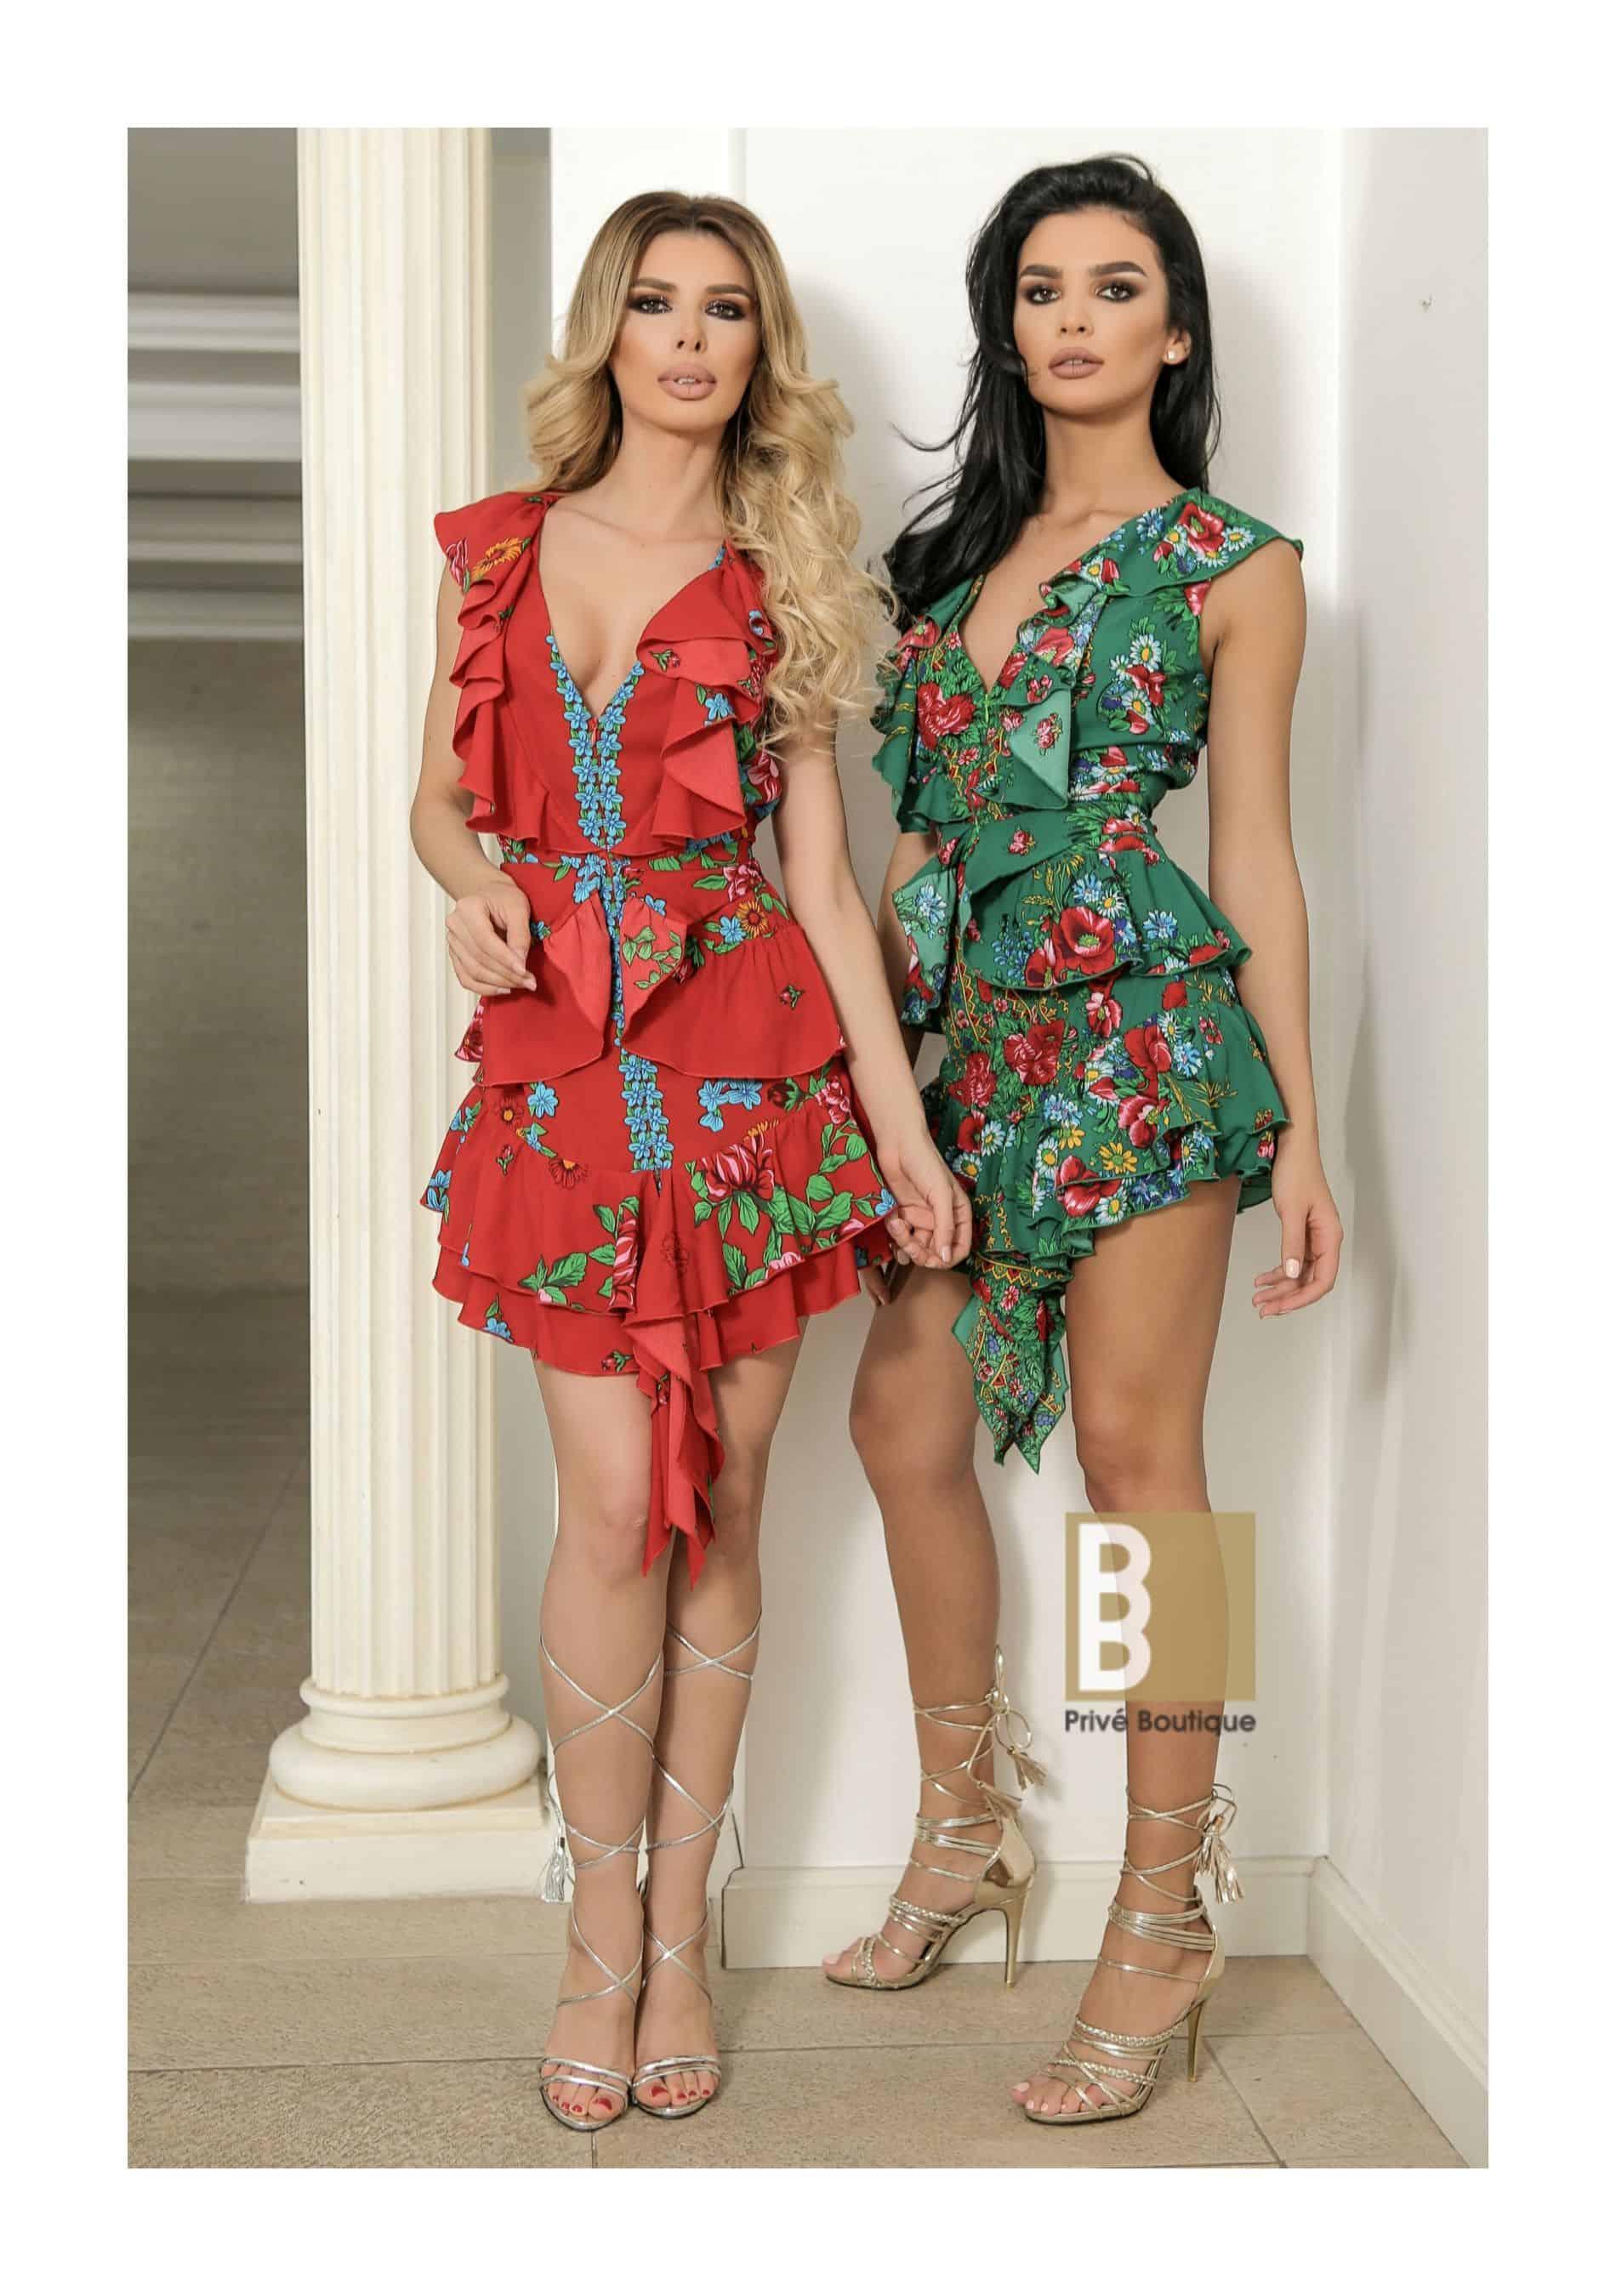 rochie imprimeu floral, rochie scurta, rochie decoltata, rochie sexy, rochie imprimeu, rochie flori, rochie dama